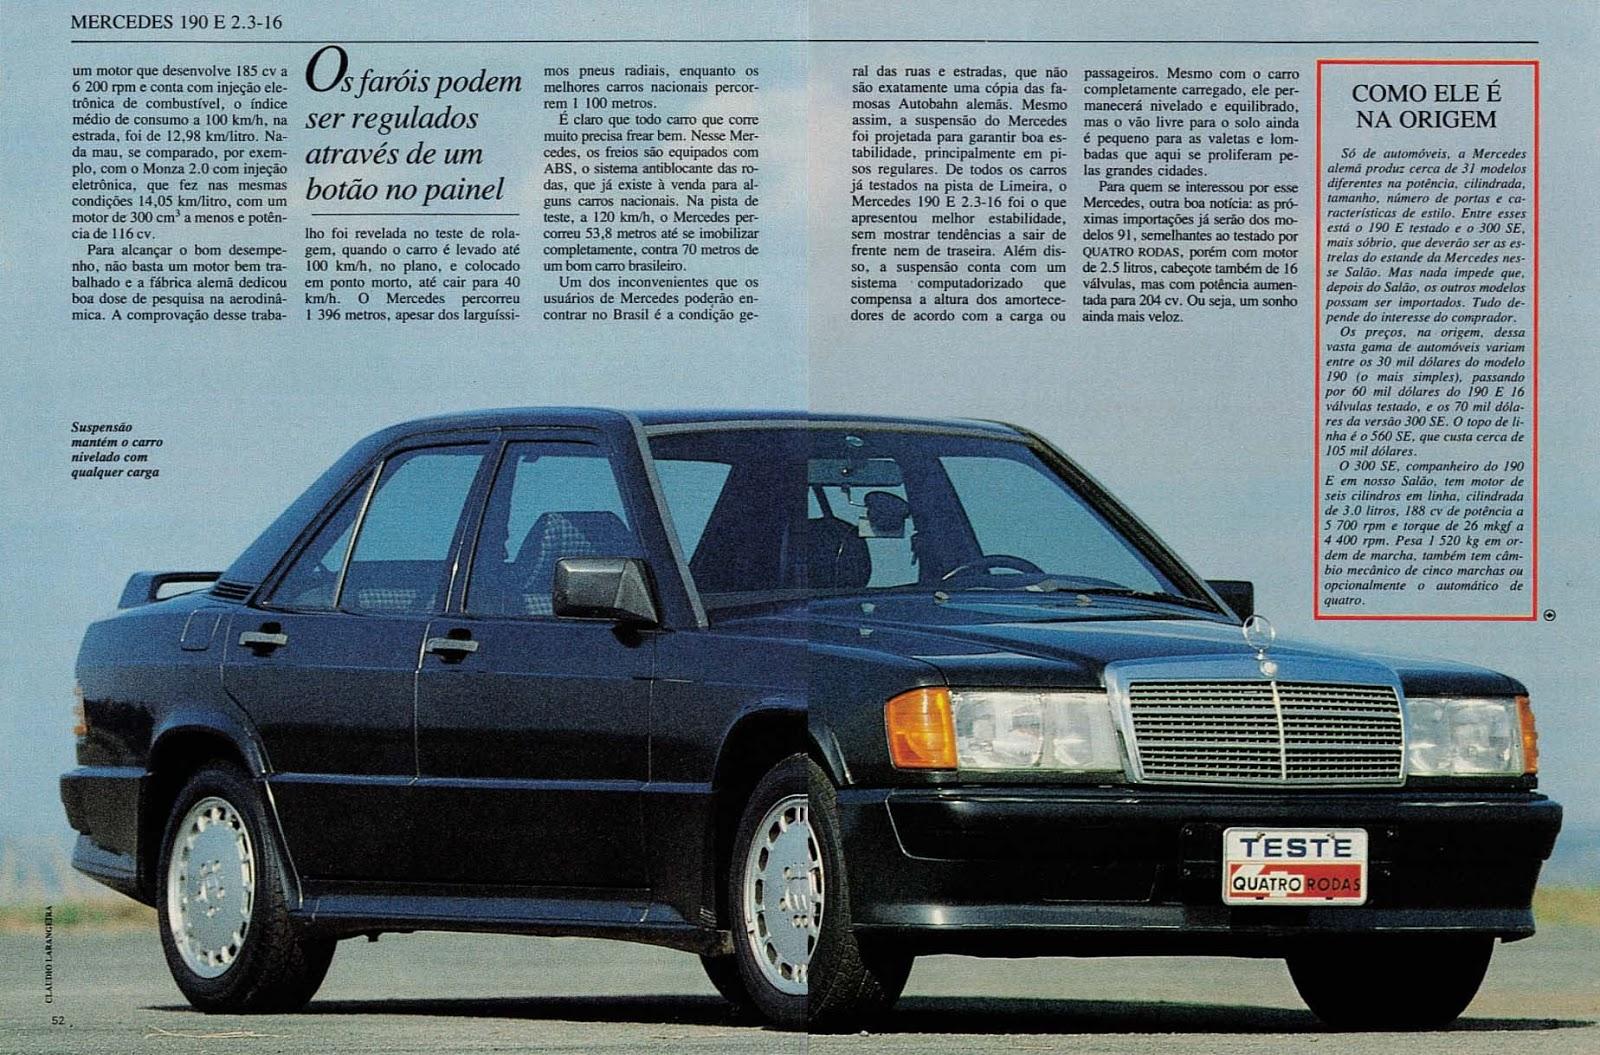 (W201): Avaliação Revista Quatro Rodas - outubro de 1990 - 190E 2.3 363%252C053%252C31%252C10%252CTE